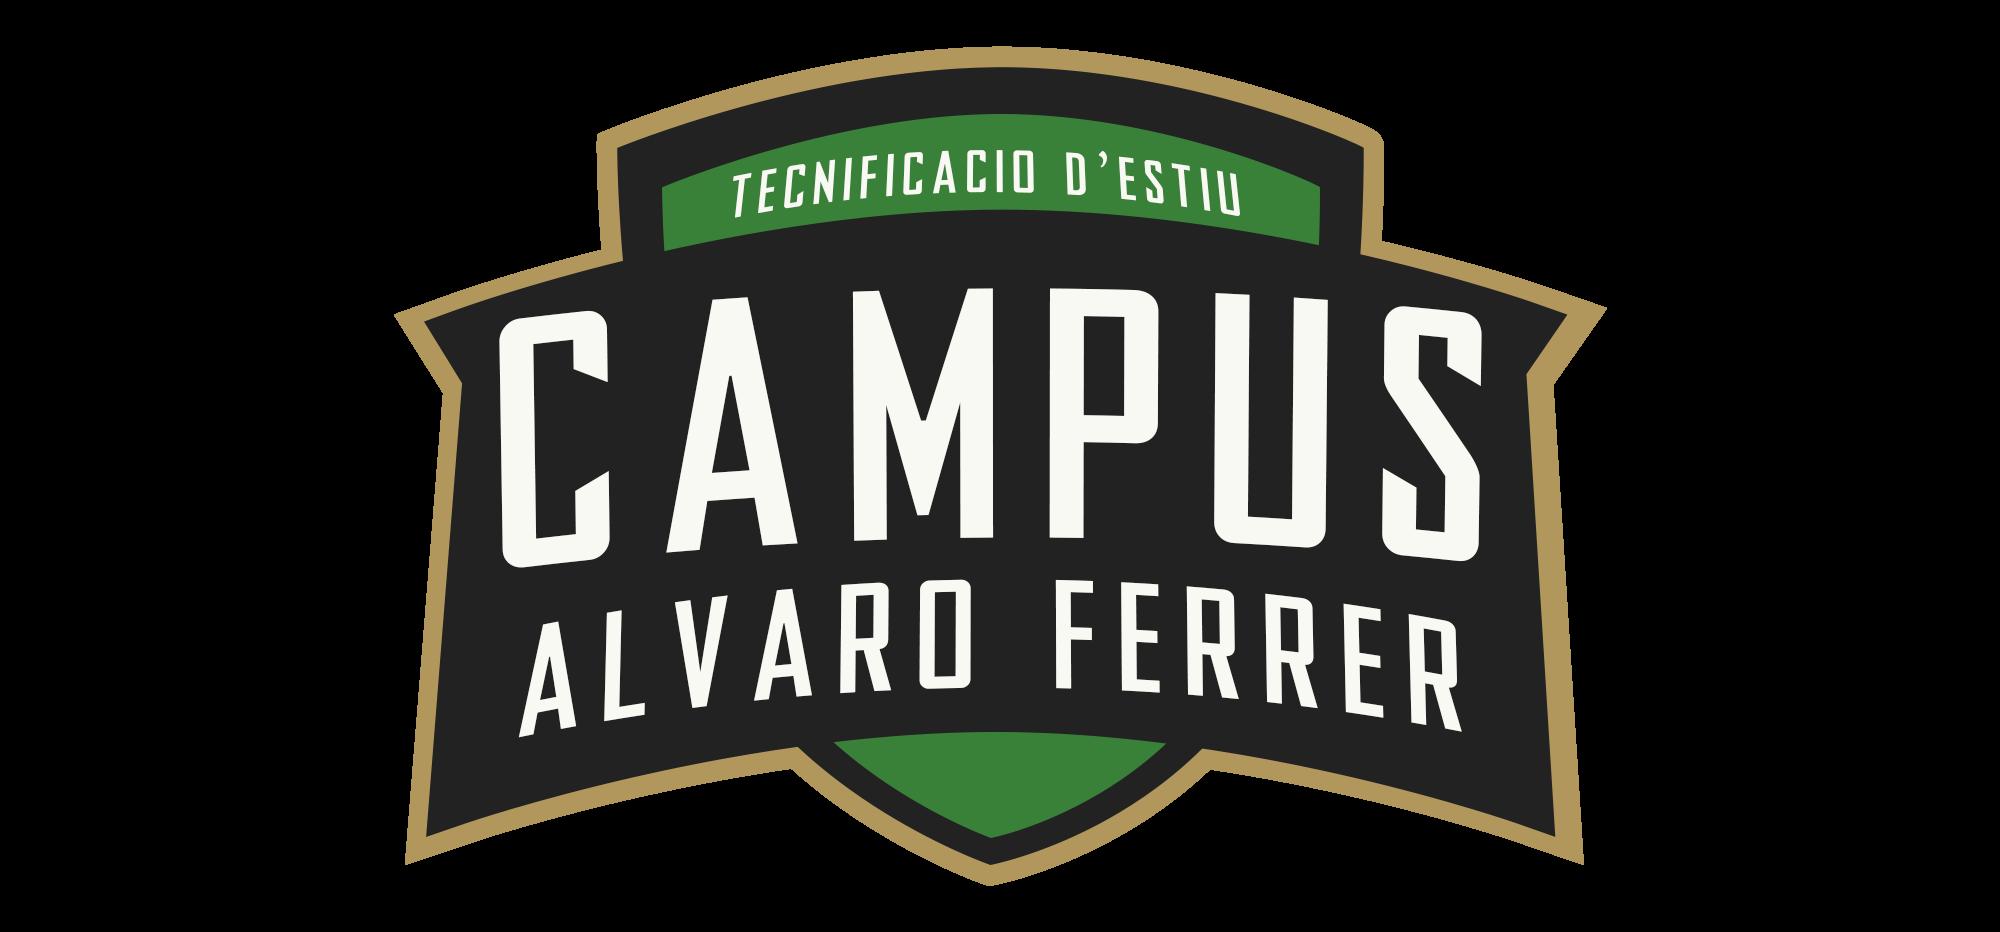 CAMPUS ÁLVARO FERRER